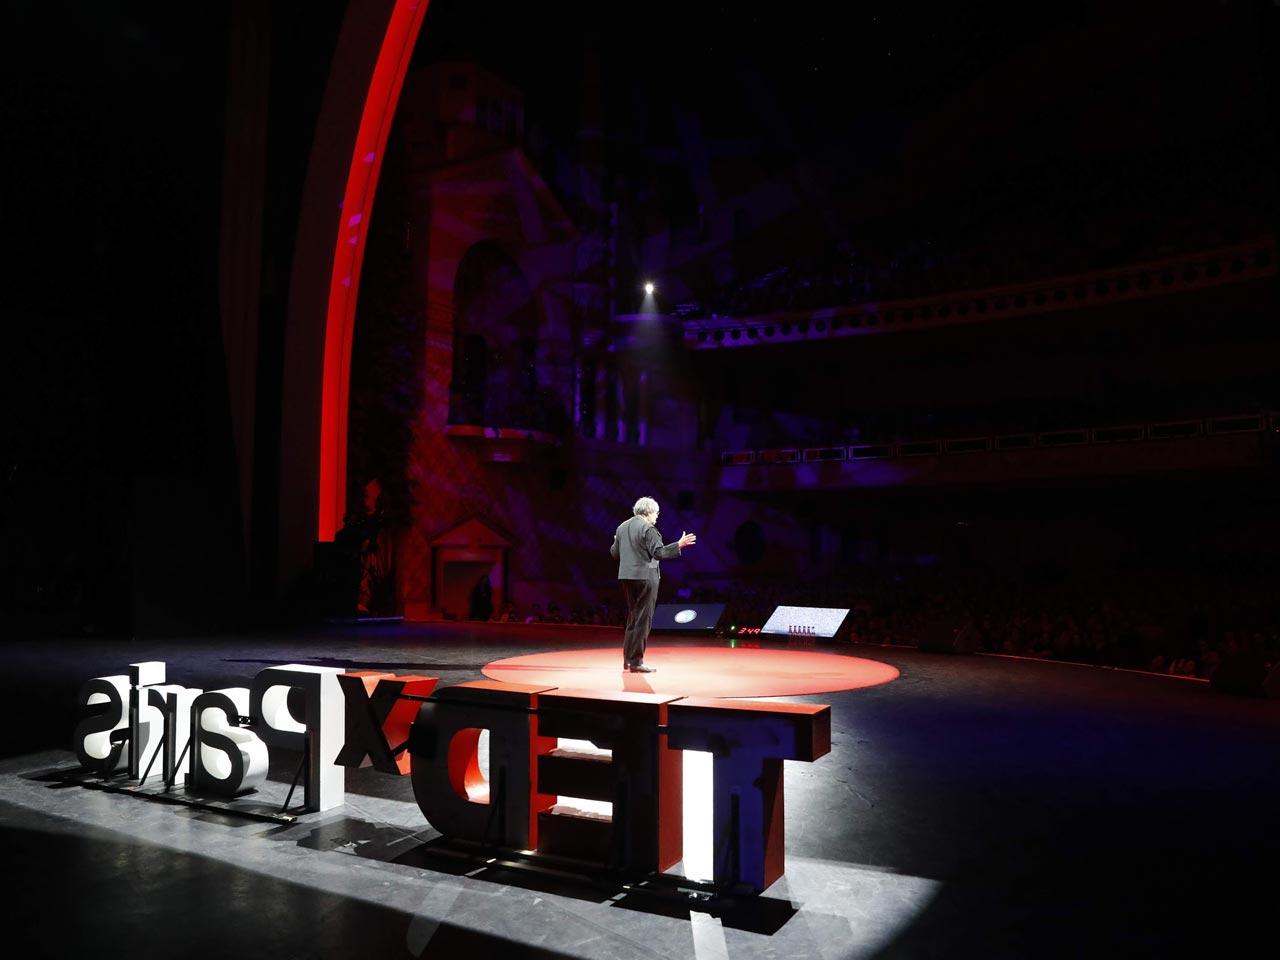 Devenir speaker - Vous avez une idée ou un projet à partager ? Candidatez-vite pour venir en parler sur la scène de TEDxParis !Envoyez-nous un message